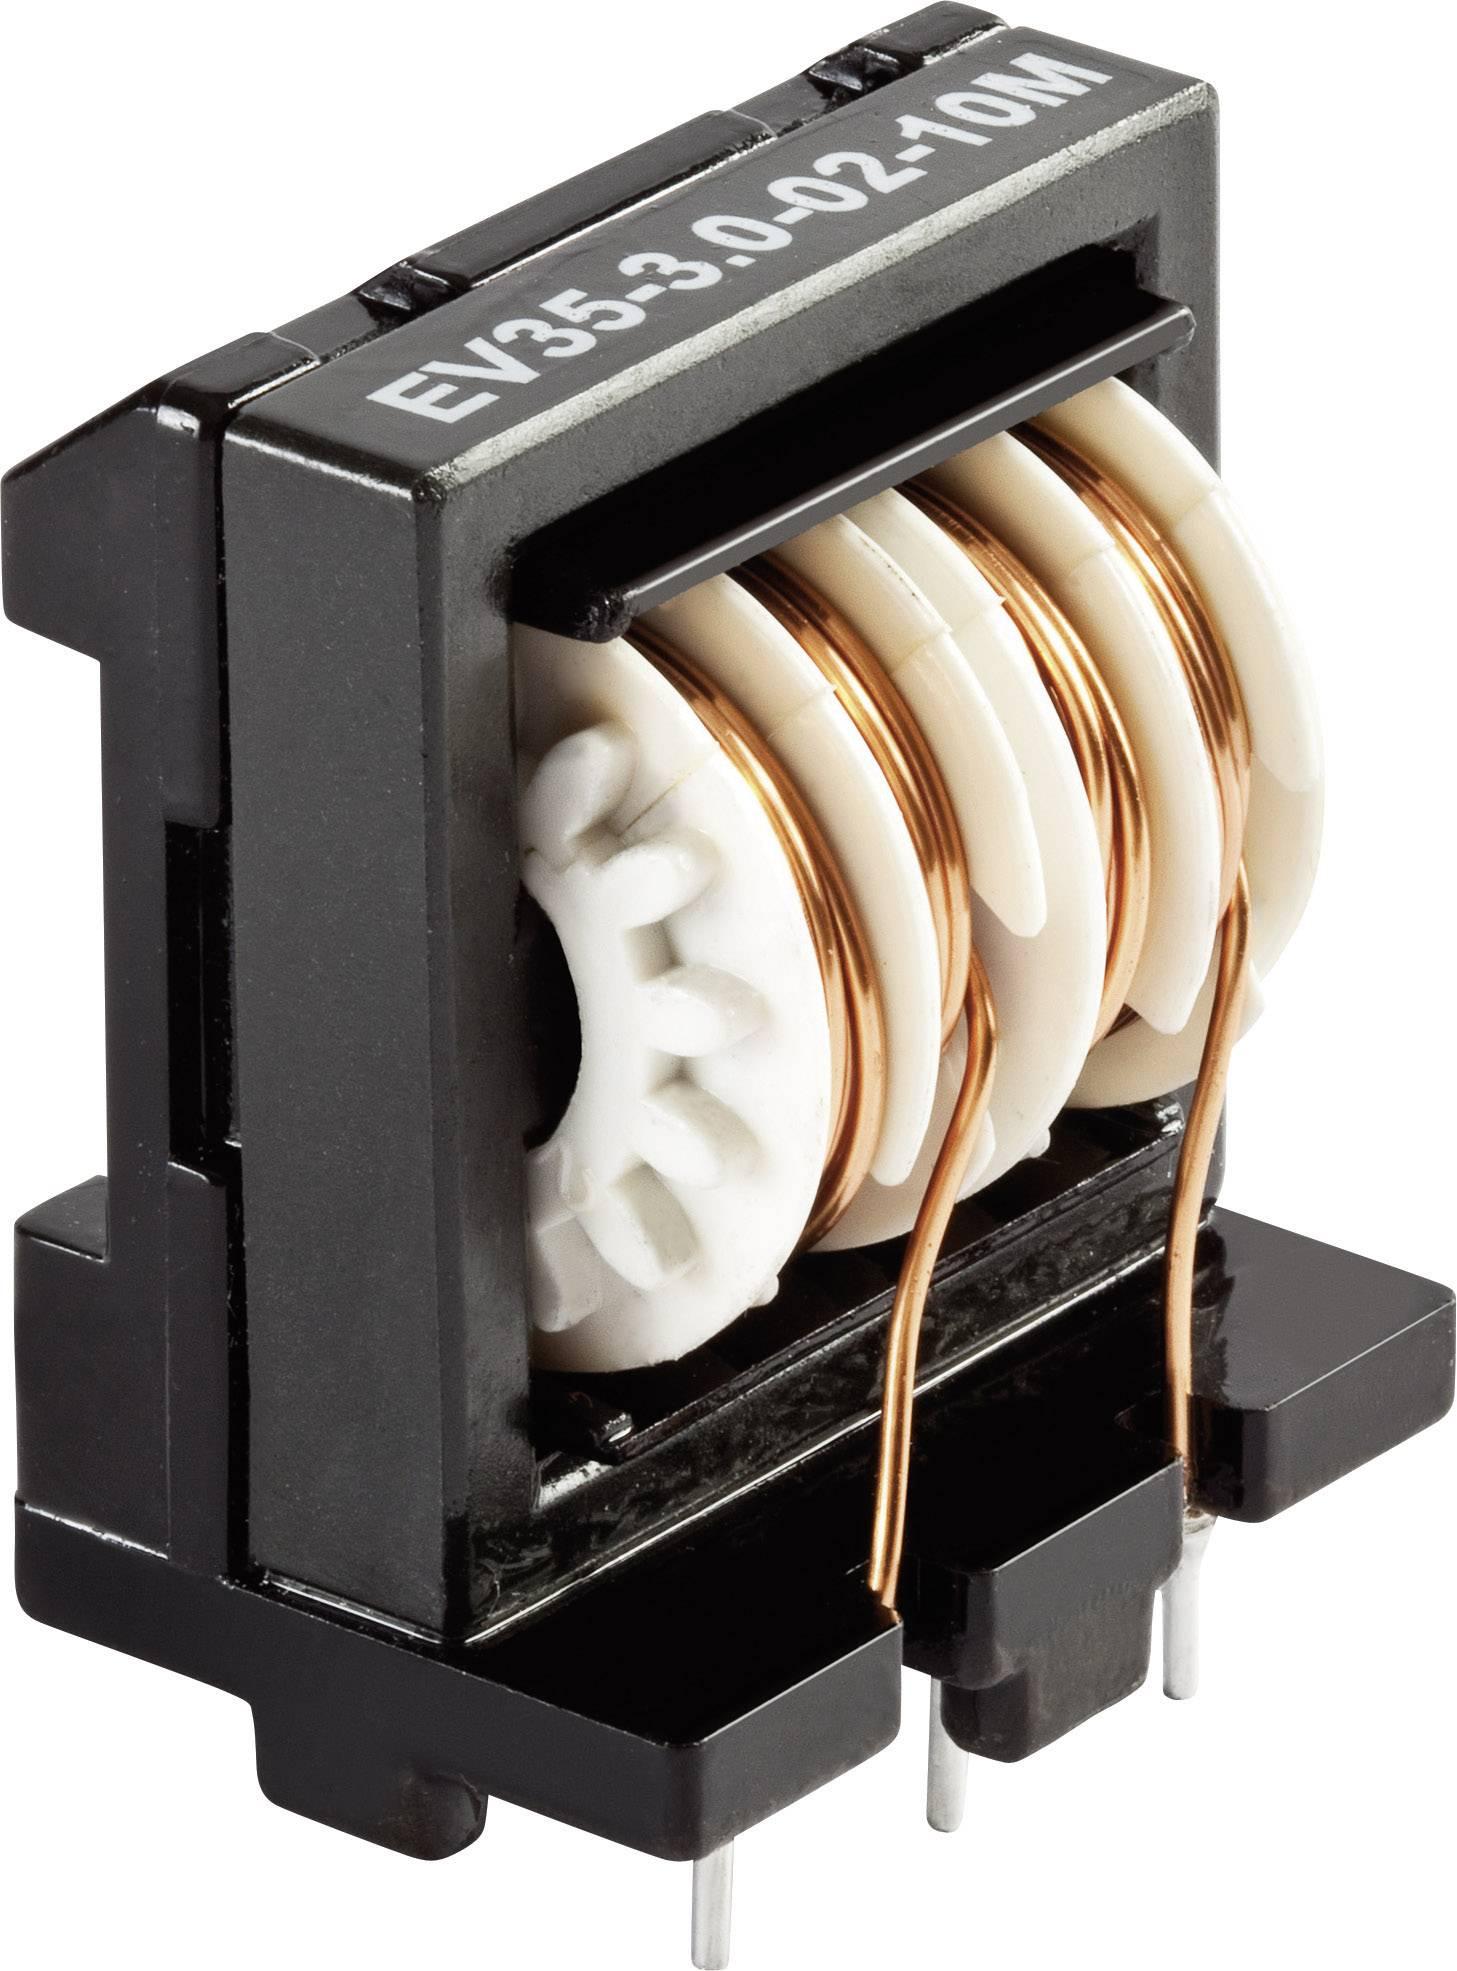 Odrušovací filter Schaffner EV24-1,0-02-10M EV24-1,0-02-10M, 250 V/AC, 1 A, 10 mH, (d x š x v) 24.6 x 17.4 x 29.1 mm, 1 ks